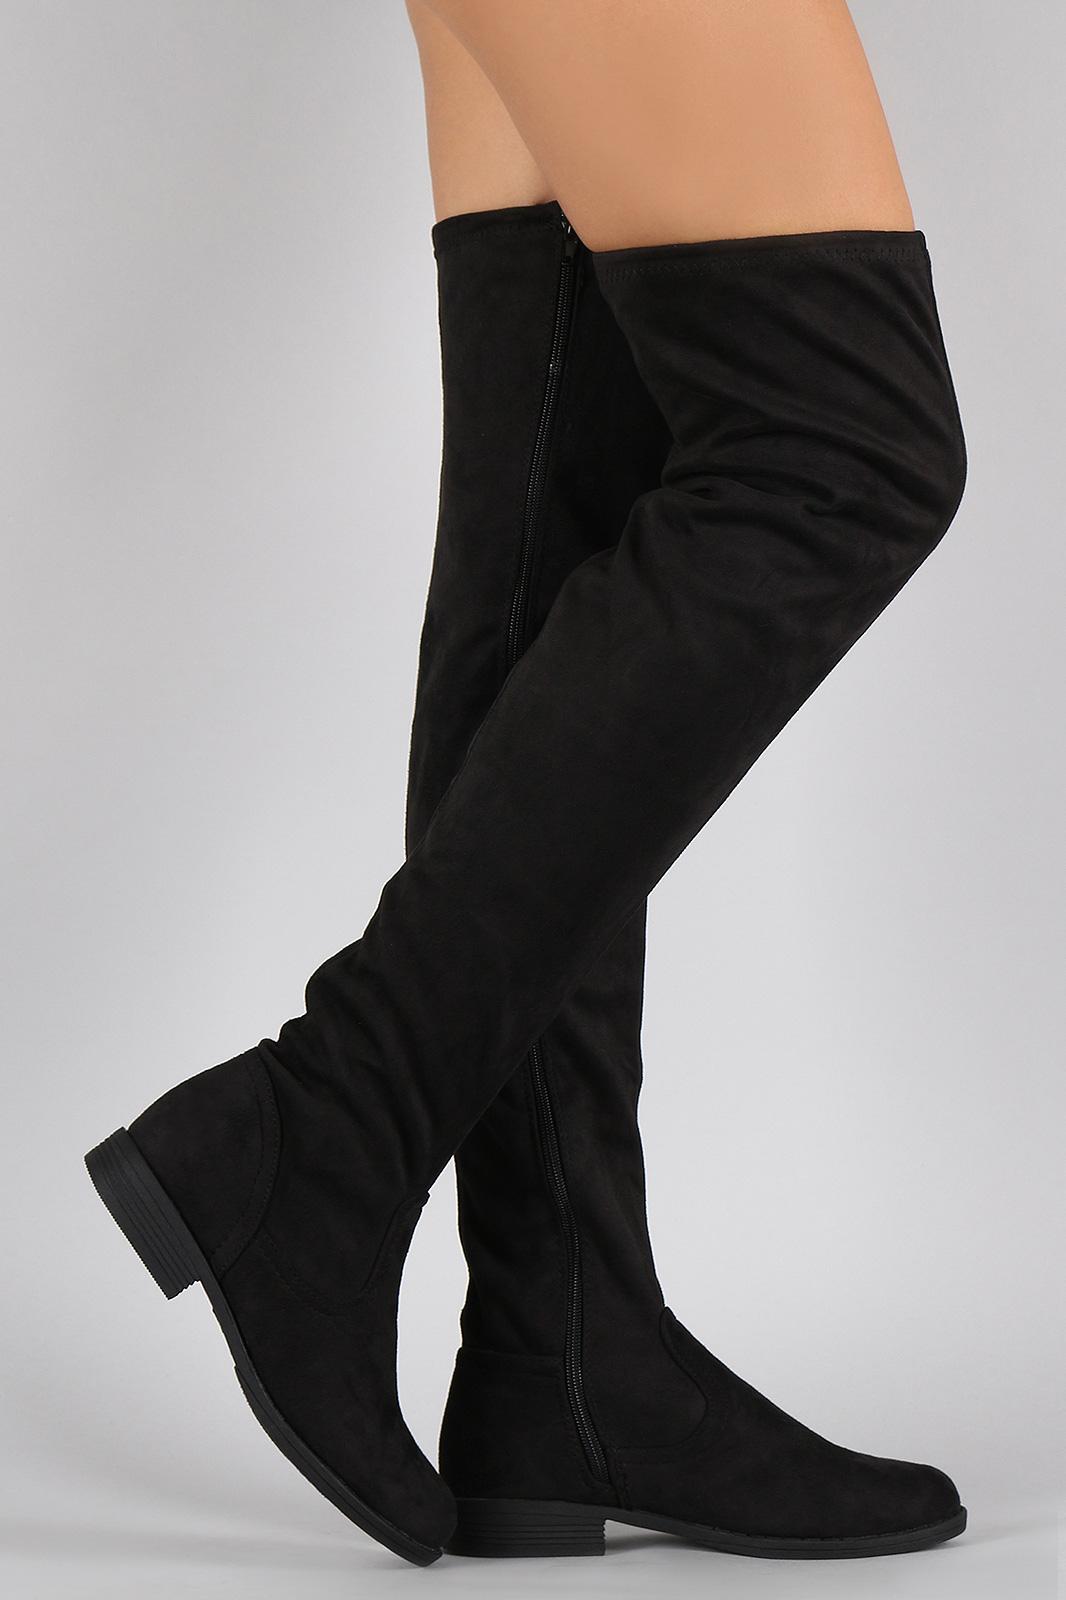 7818d44b300 Bamboo Vegan Suede Flat Thigh High Boots